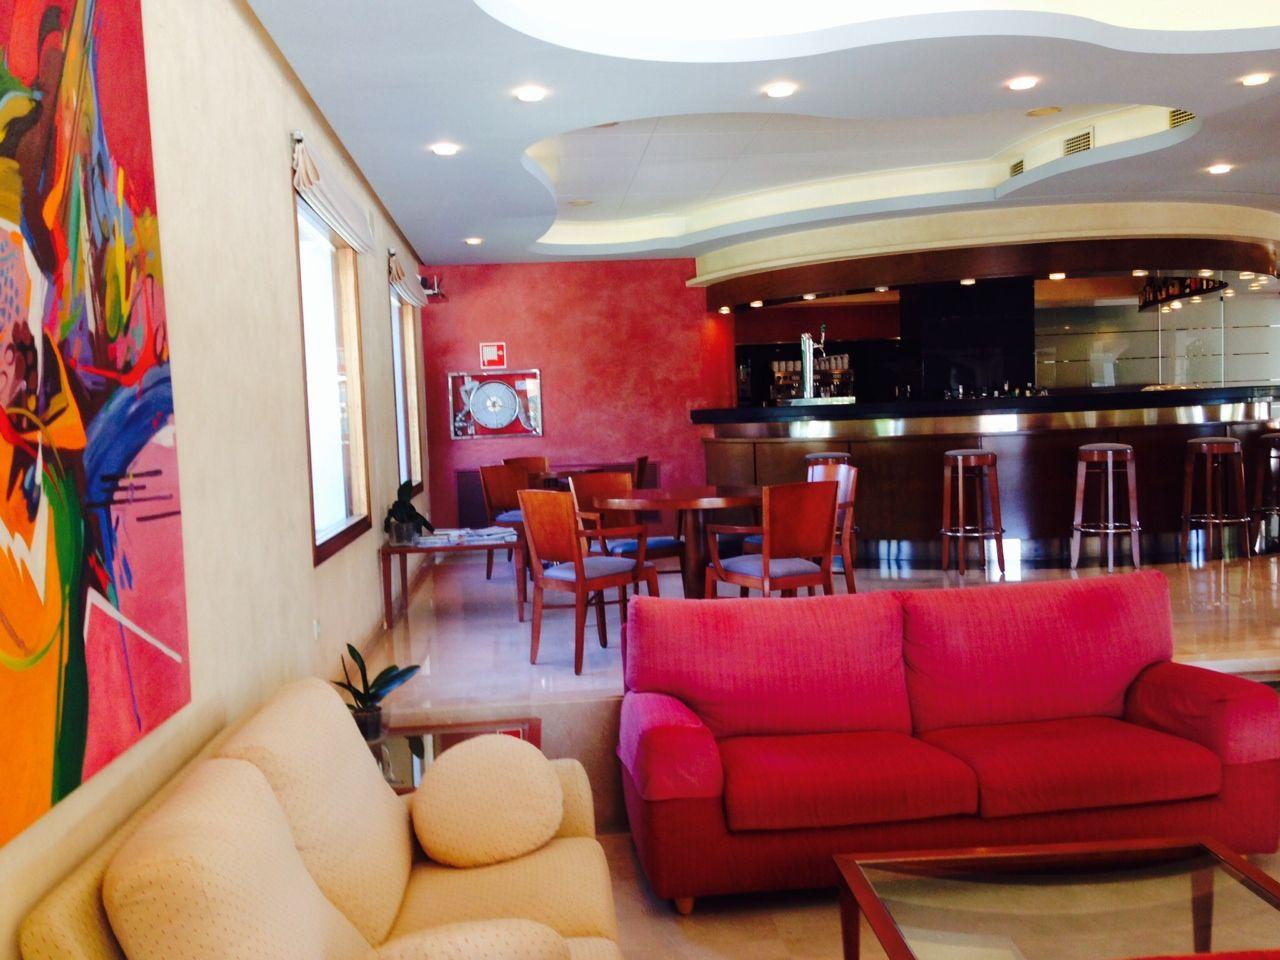 Cafetería El hotel está ubicado a pocos minutos de Figueres, ofrece un ambiente con una cálida atmósfera de un hotel de gestión familiar, además de unas instalaciones amplias y acogedoras.   Wifi gratuita. Parking gratuito. #emporda #dali #figueres #visitfigueres #incostabrava #holidays #hotel  www.bonretorn.com